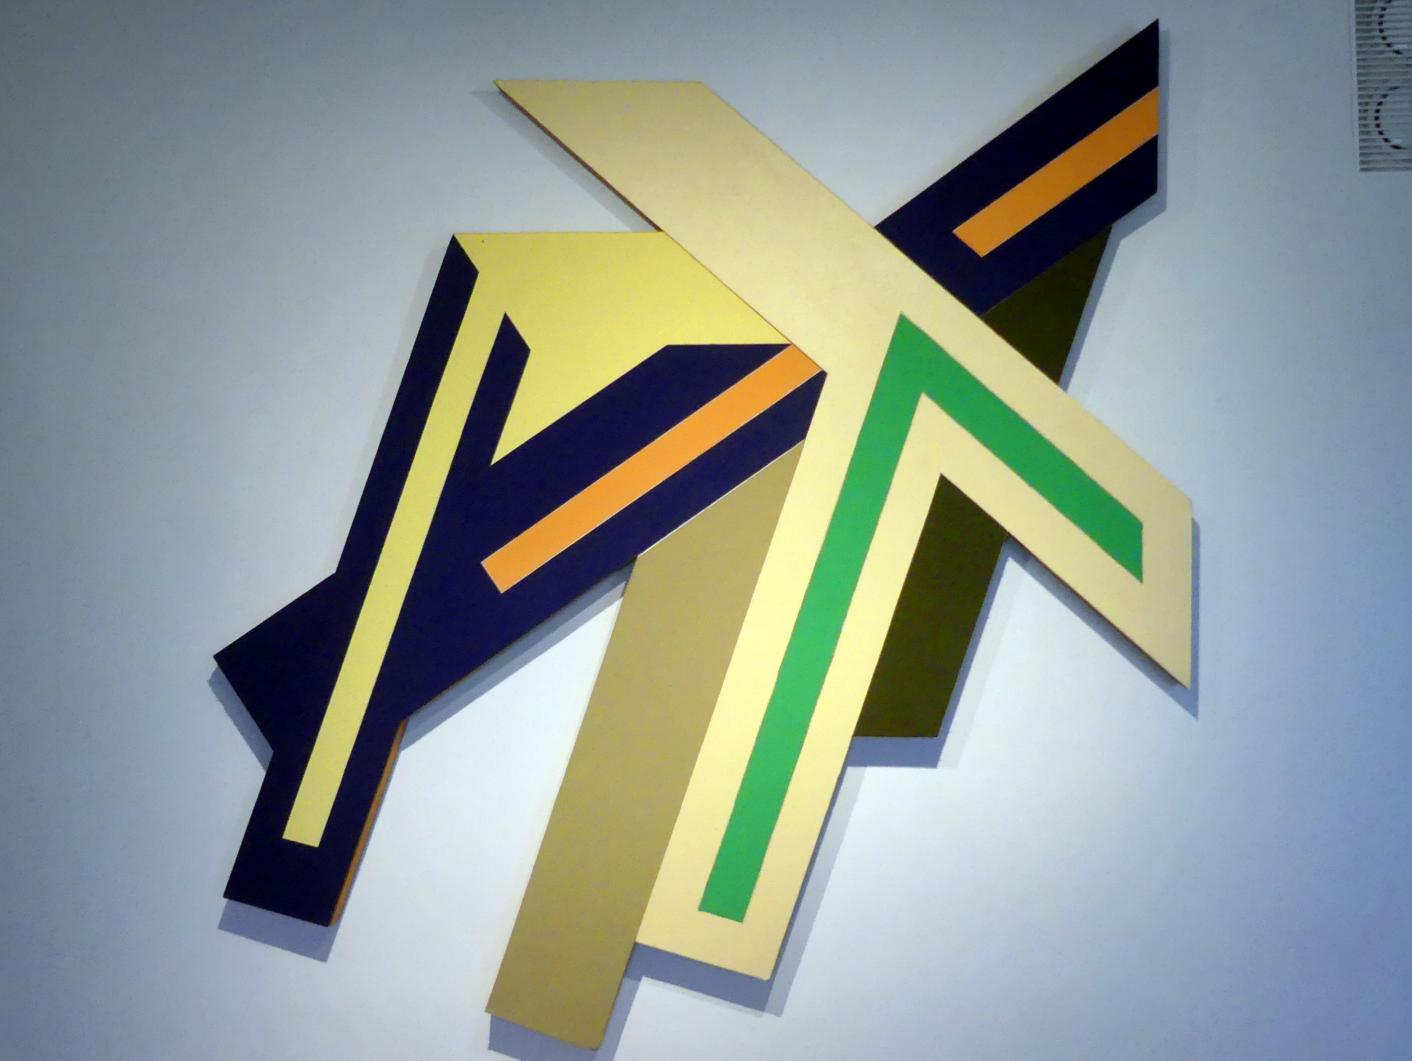 Frank Stella: Narowla I (Zyklus Polnische Dörfer), 1971